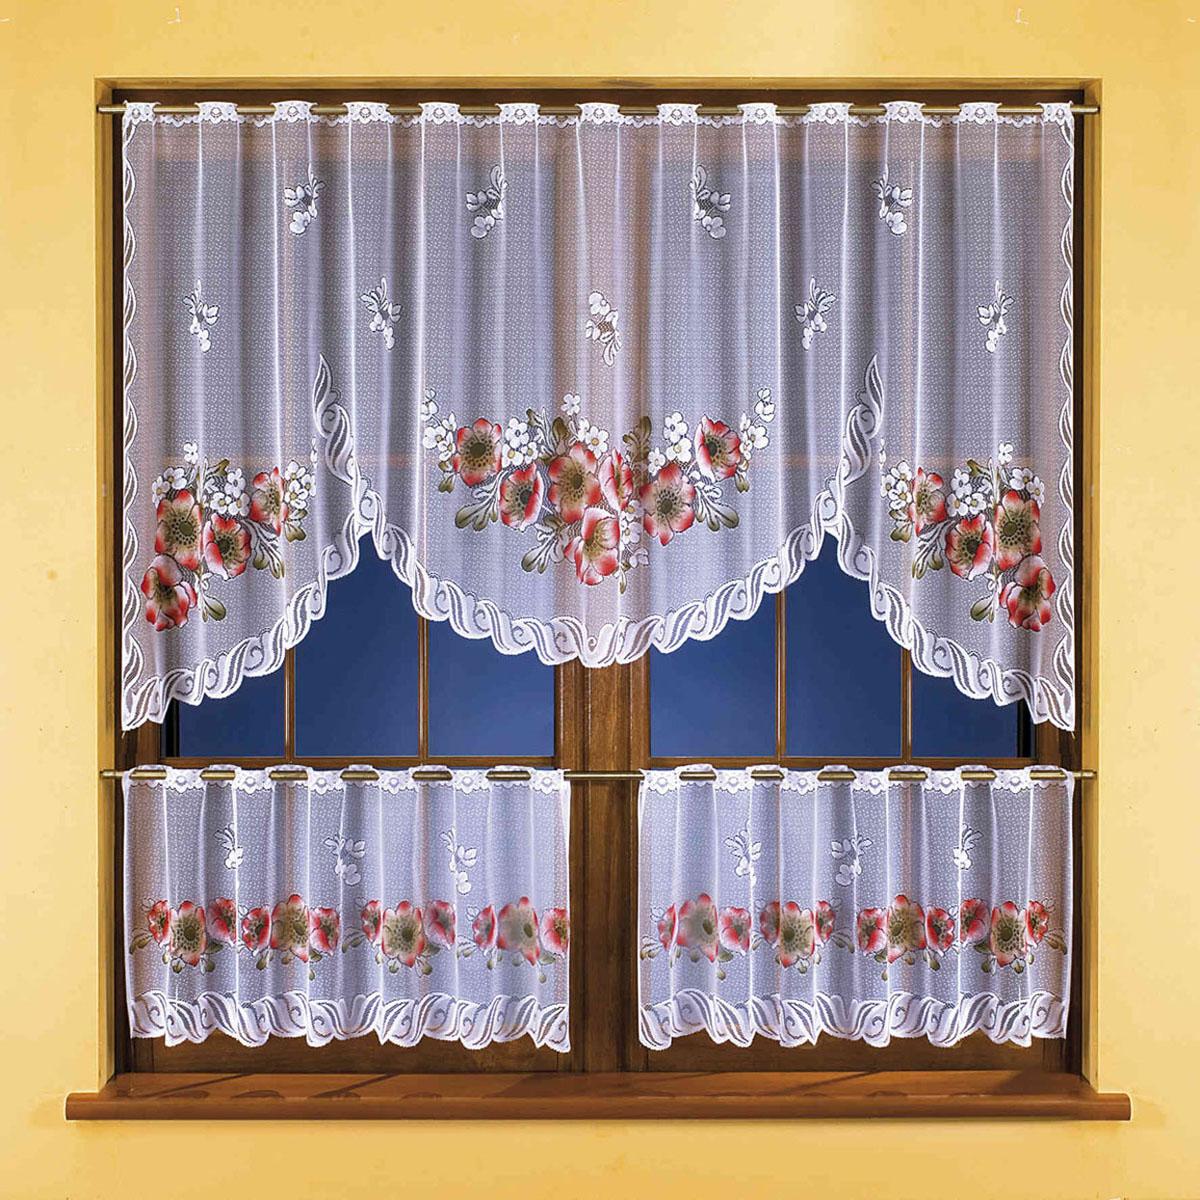 Гардина Wisan, цвет: белый, высота 45 см3261Жаккардовый комплект гардин белого цвета с цветным узором, состоящий из гардинного полотна для верхней части окна, а также двух шторок-кафе для нижней. Крепится на штангу с помощью специальных прорезей. Размеры: ширина 250смх высота100см+ (ширина125смх высота 45смх)2